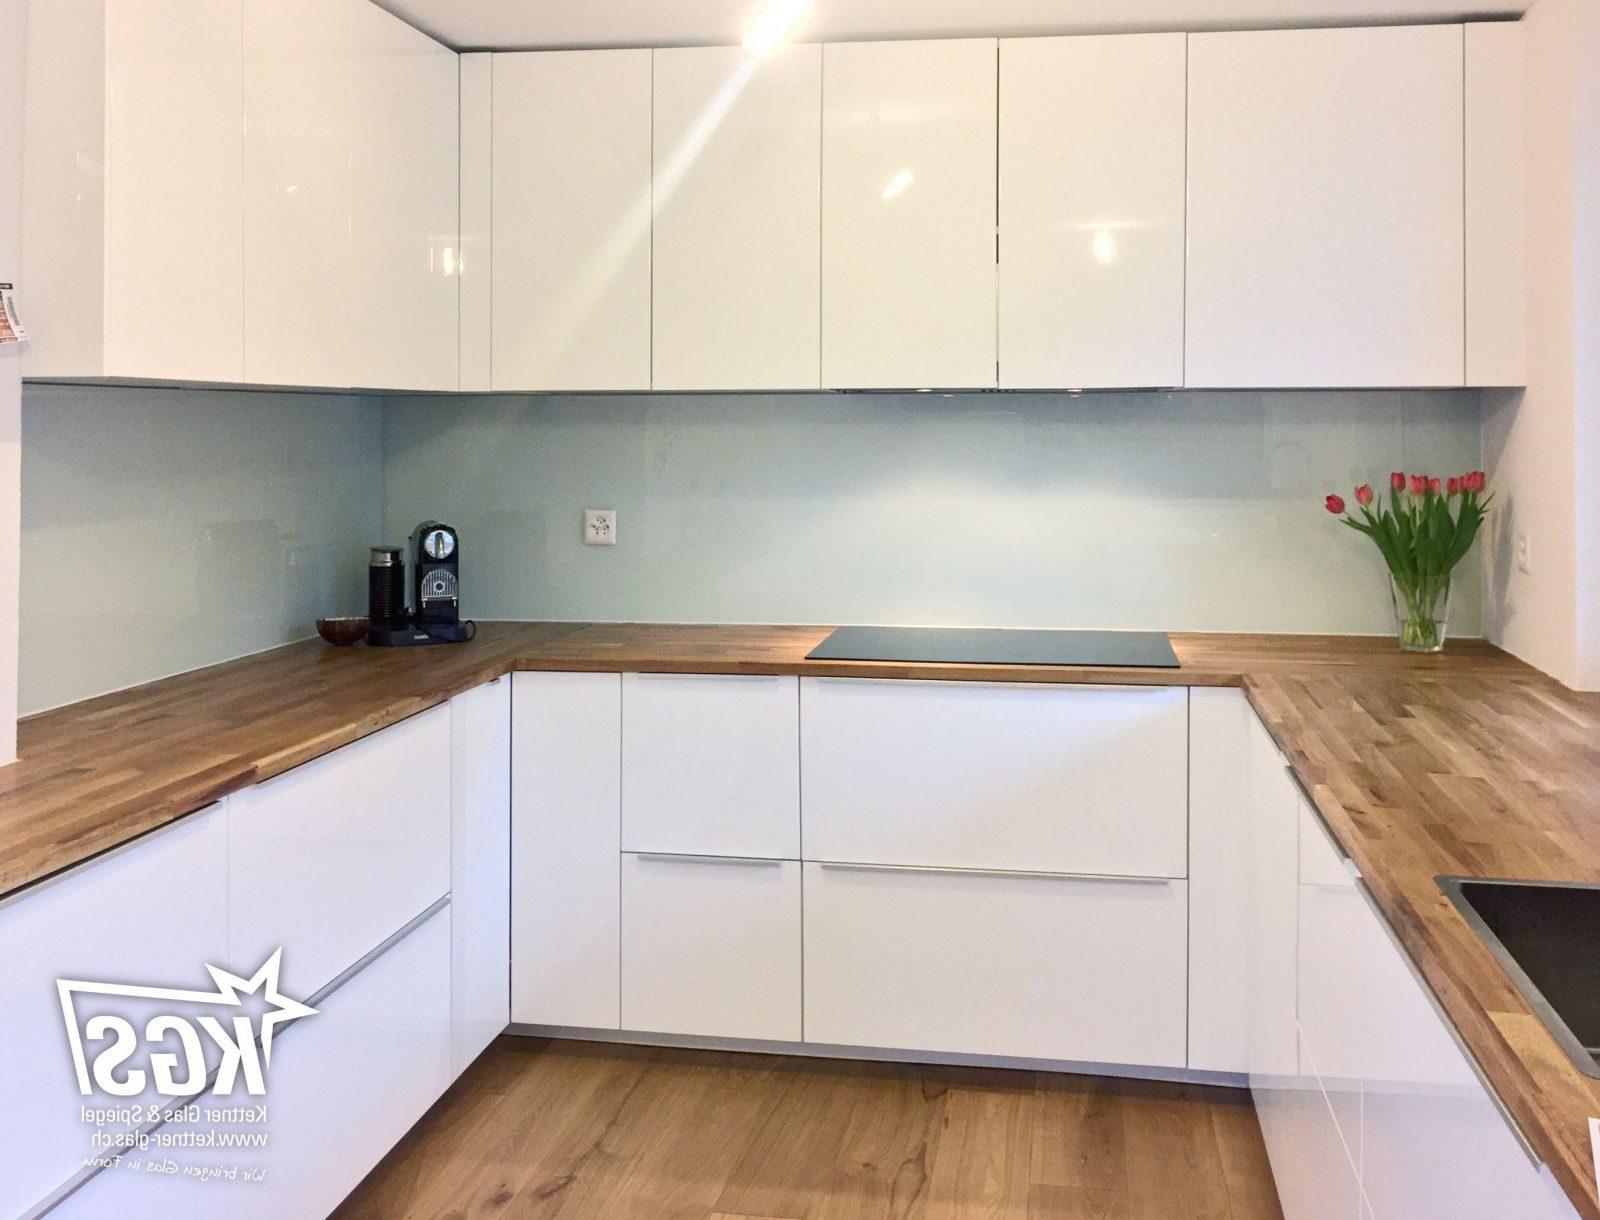 Küchenrückwand Beleuchtet Selber Machen Mit Küchen Wand Spritzschutz von Spritzschutz Küche Plexiglas Selber Machen Photo